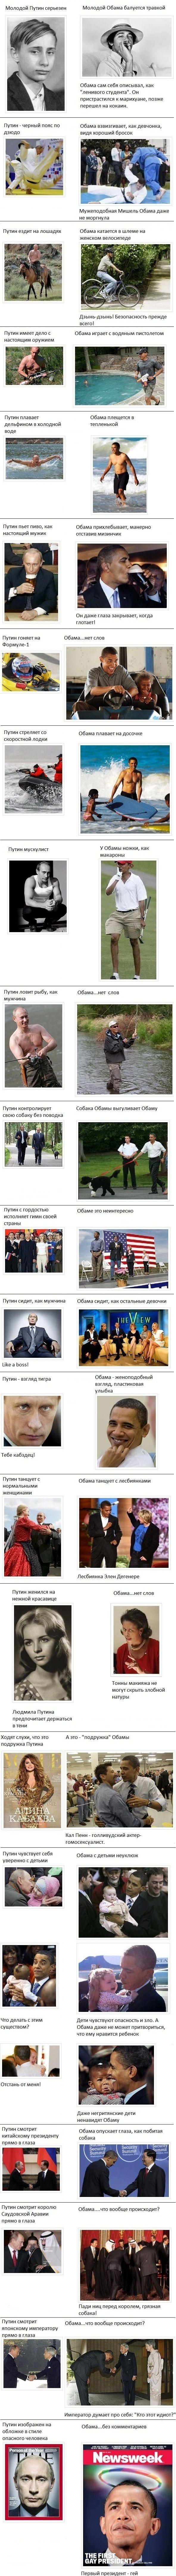 Американцы сравнили Путина и Обаму